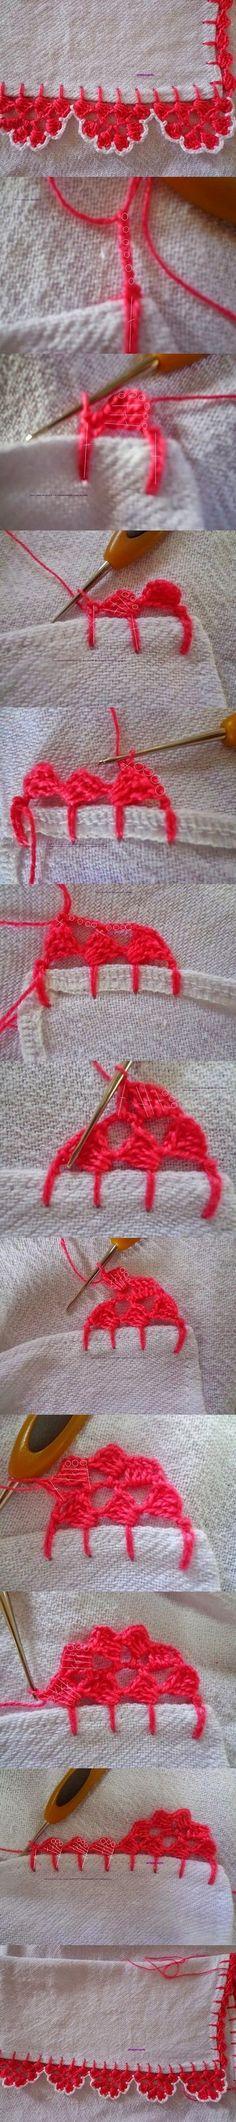 crochet lacy beak wonderful DIY T Wonderful DIY Pretty Crochet Lacy Beak Crochet Boarders, Crochet Motifs, Crochet Trim, Knit Or Crochet, Crochet Crafts, Crochet Doilies, Crochet Flowers, Crochet Stitches, Crochet Projects